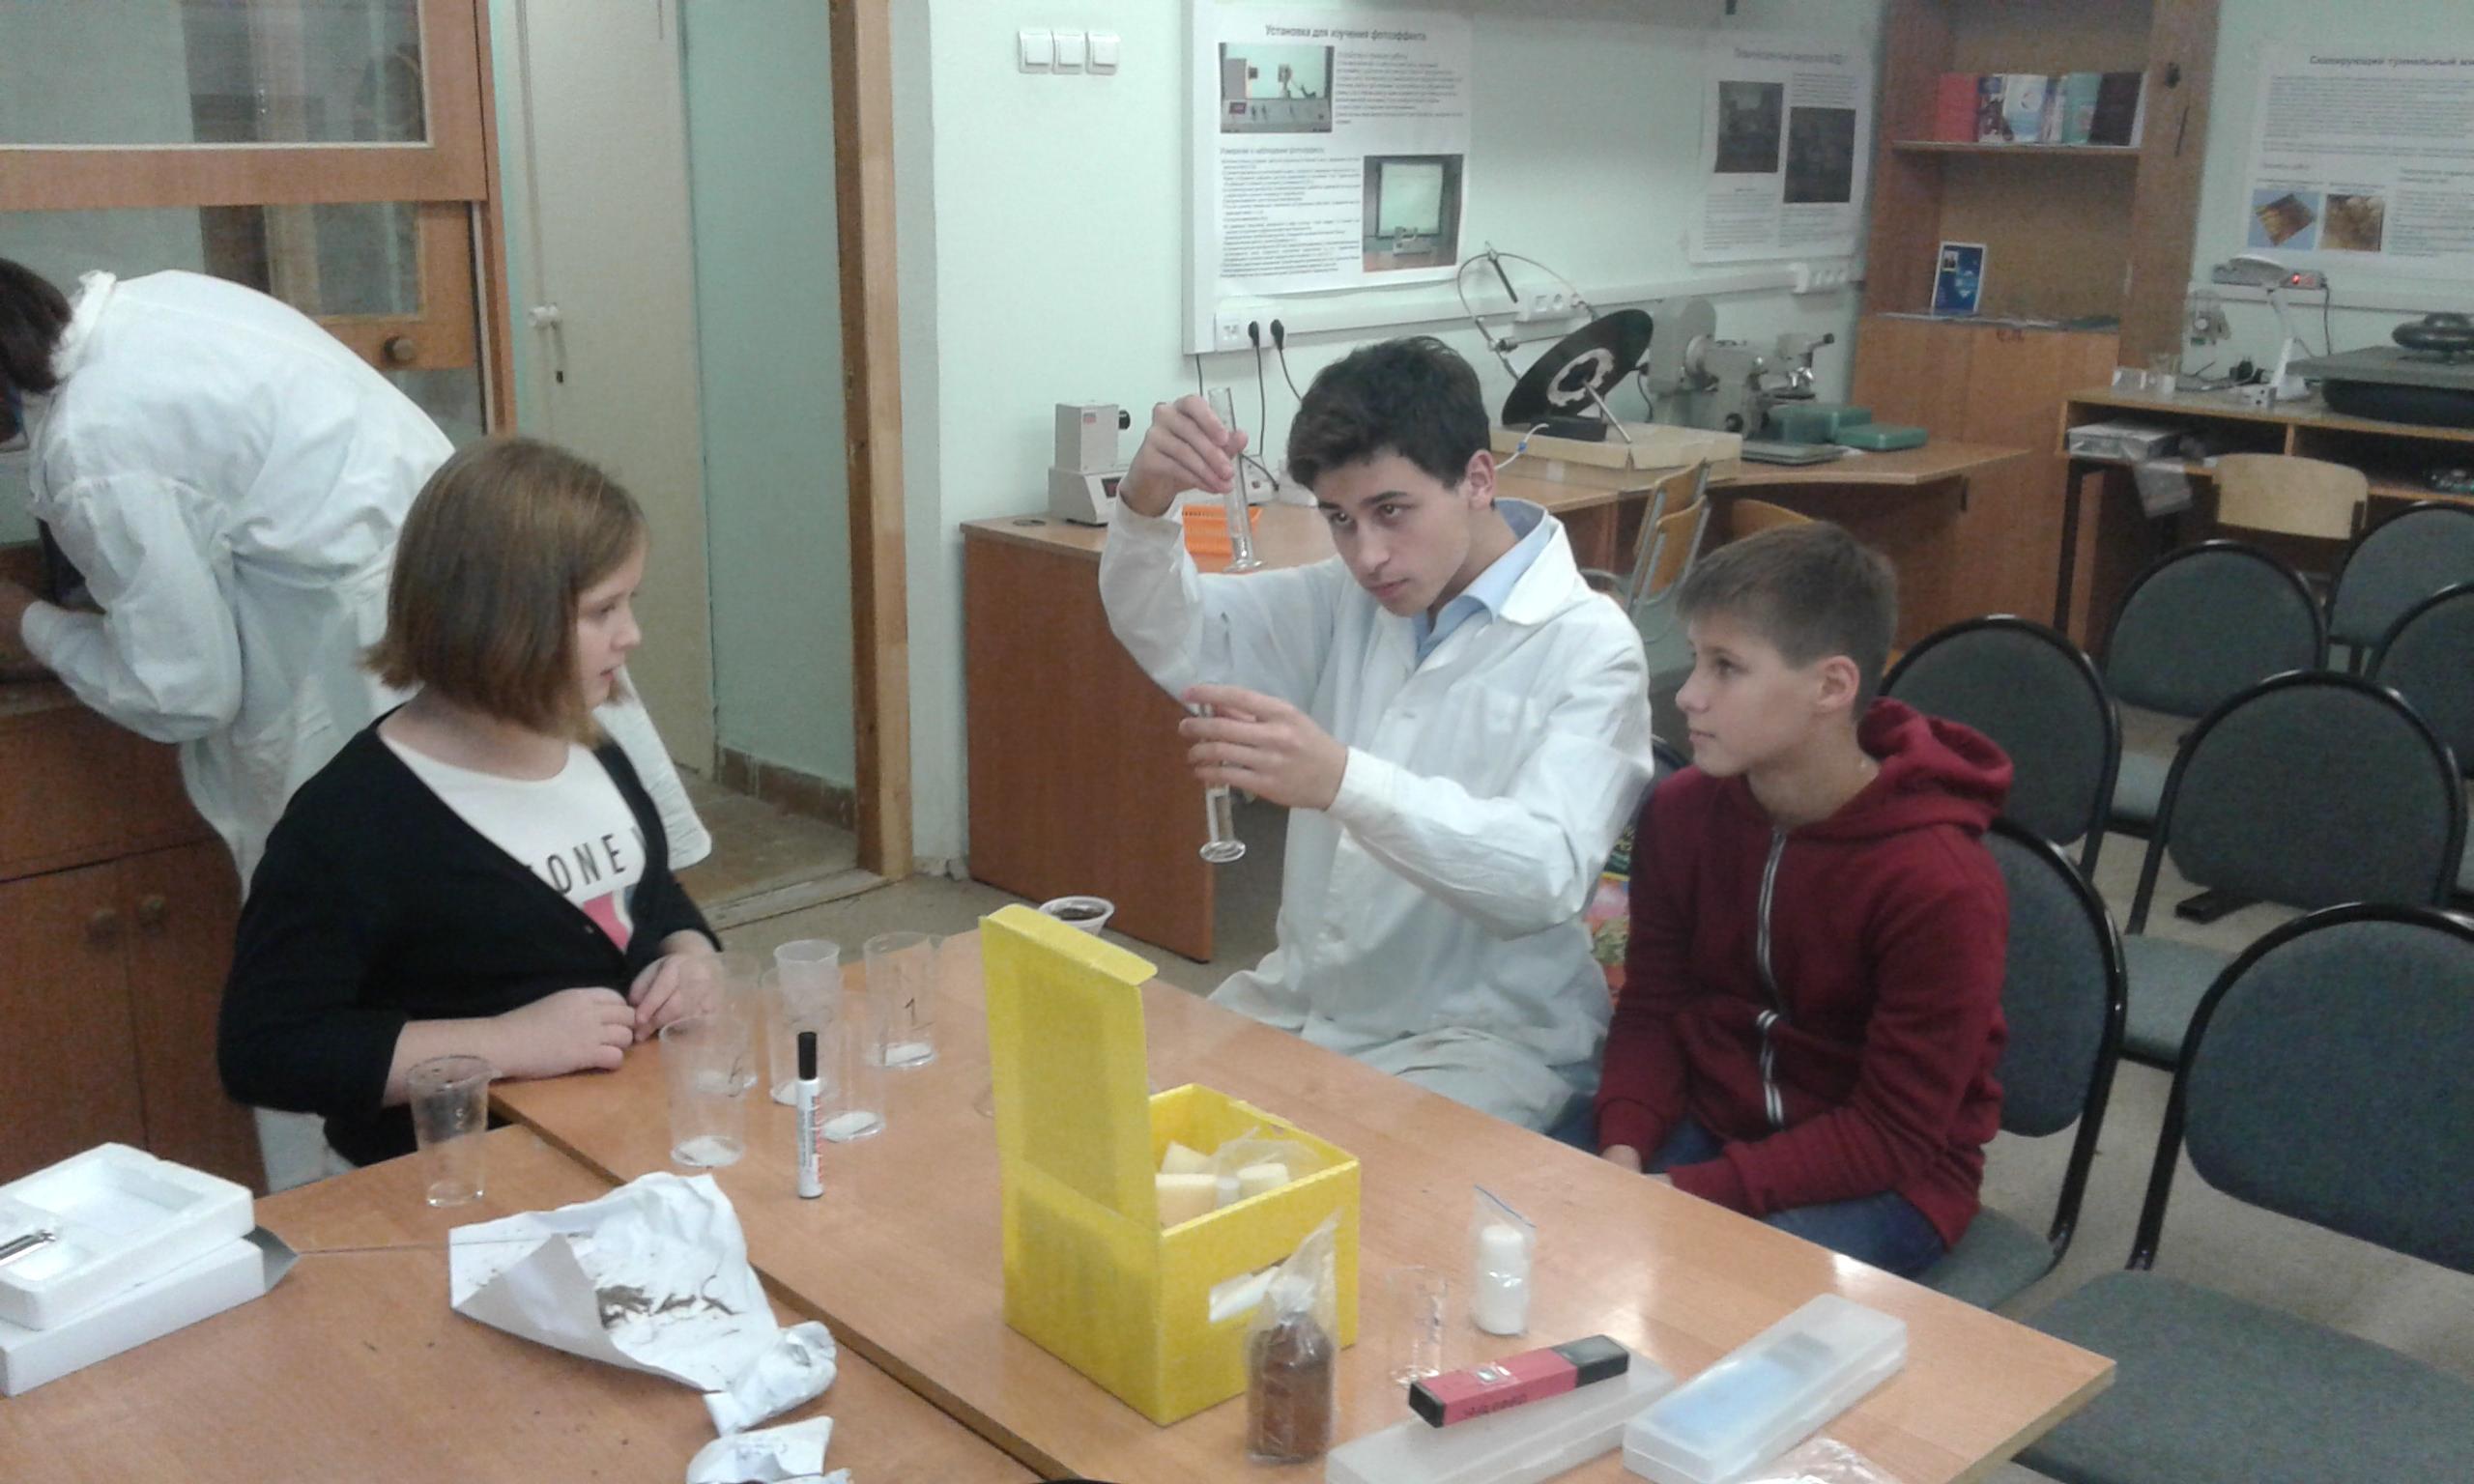 Никита Самойлов обучает ребят проведению биологических экспериментов